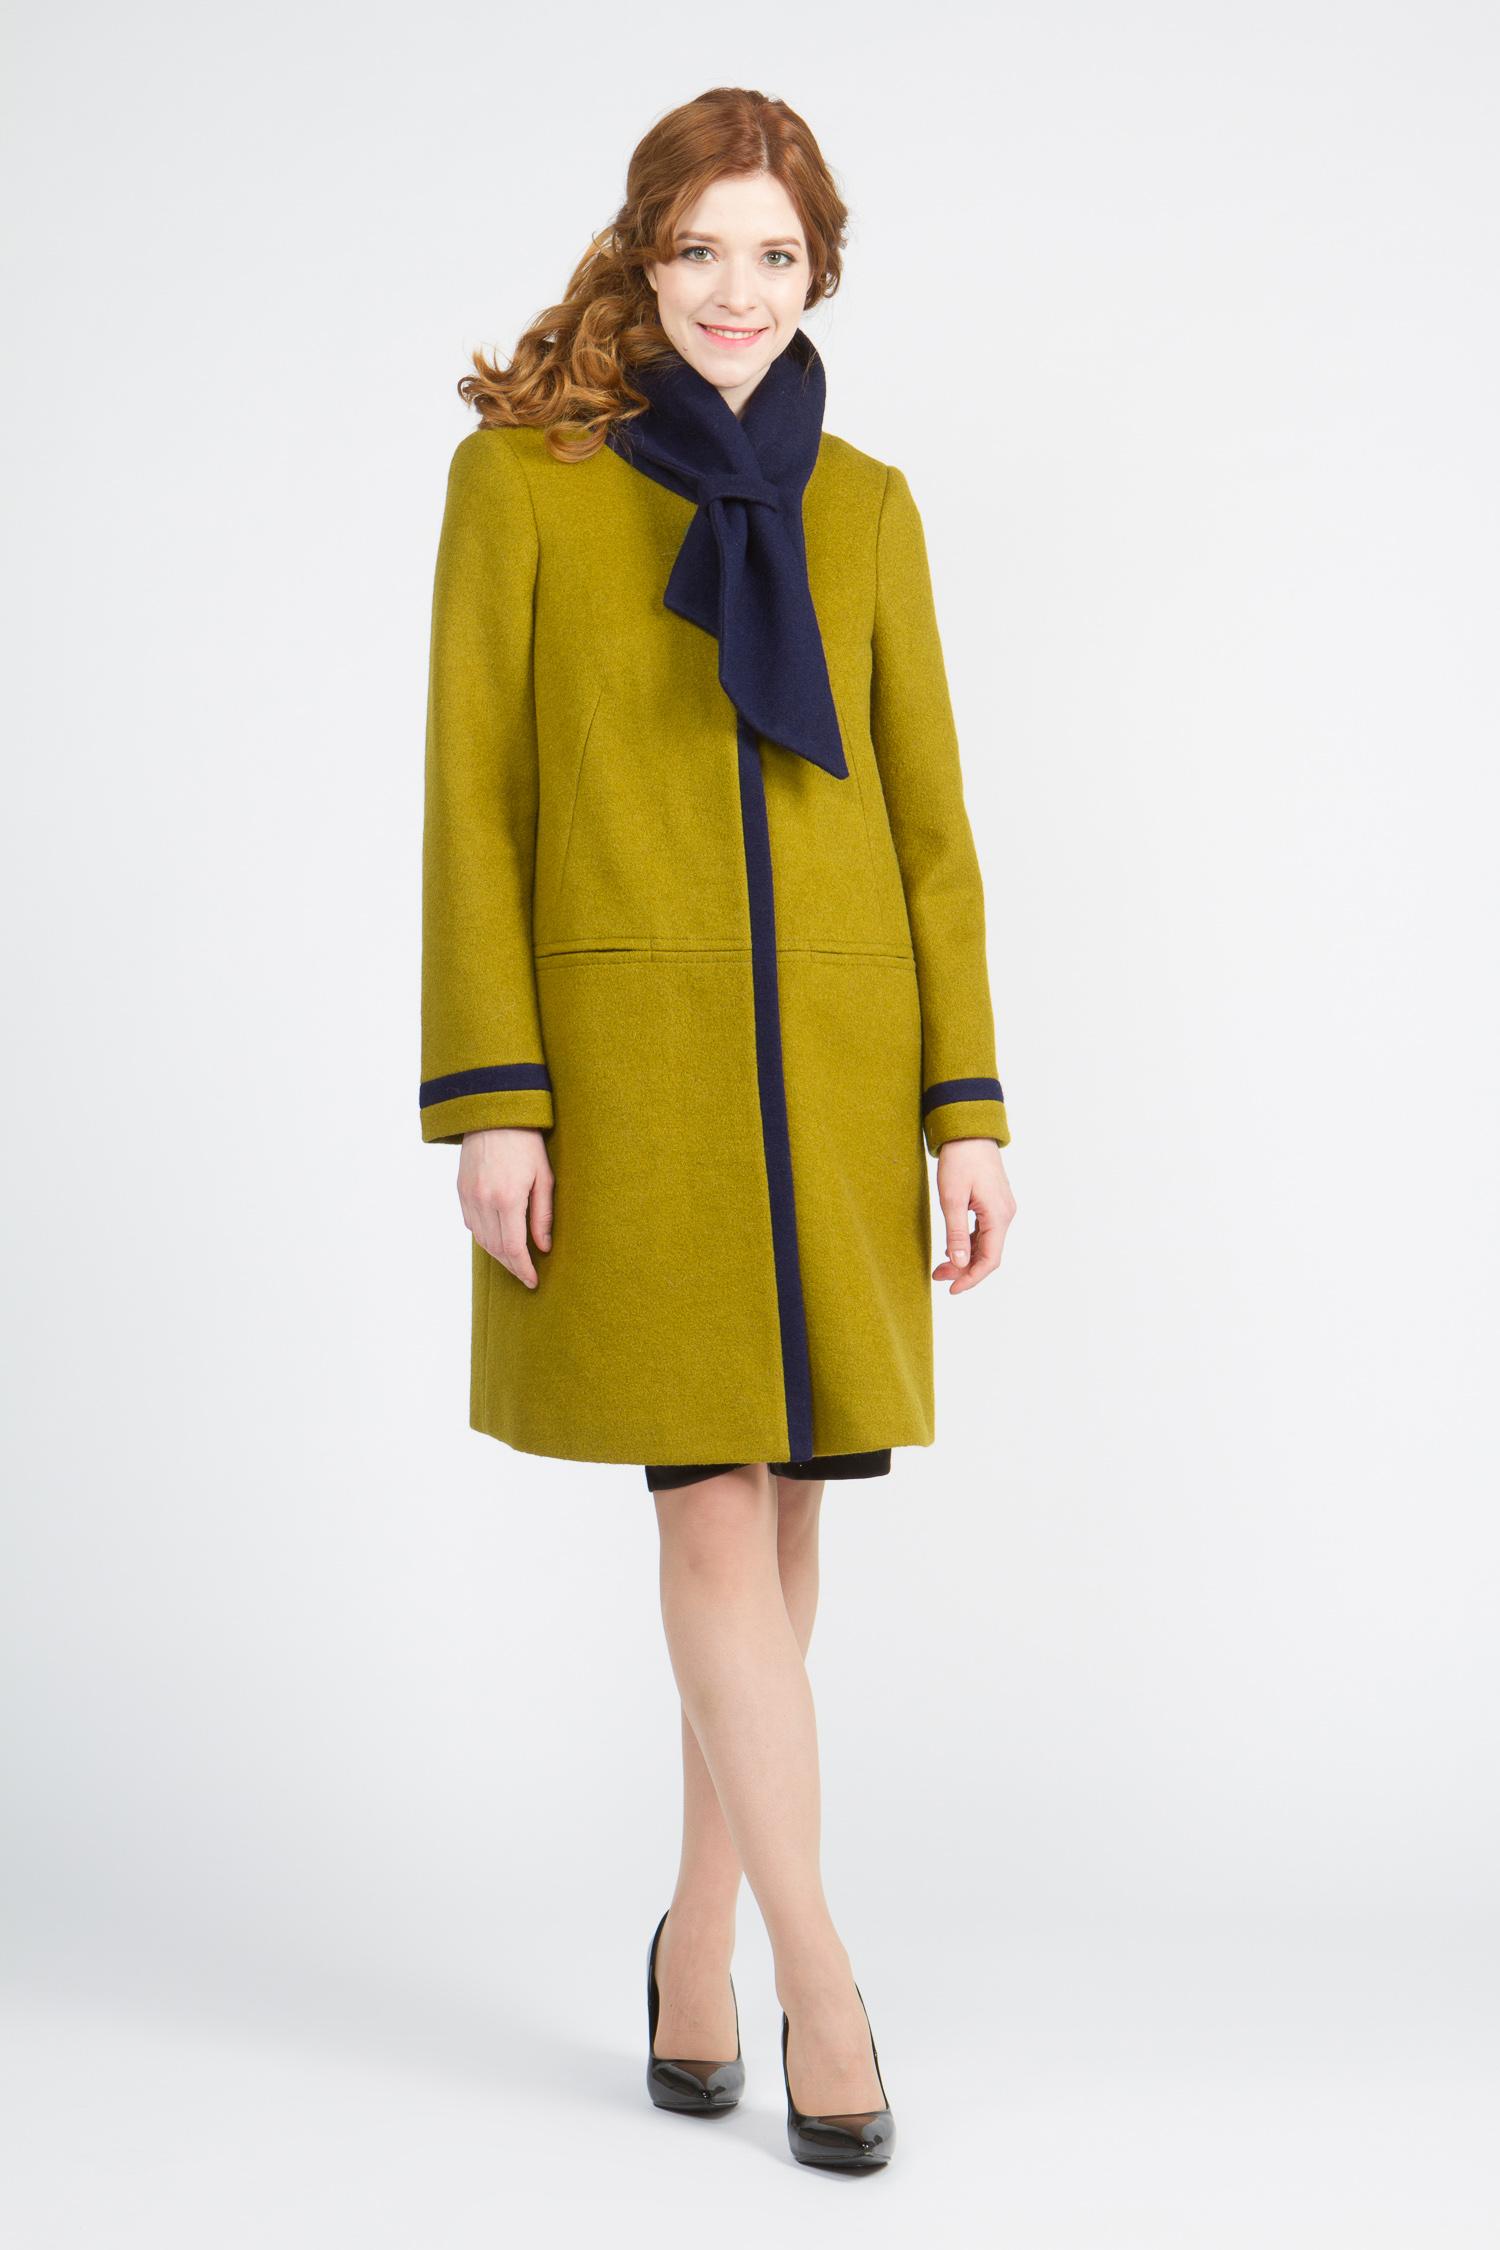 Женское пальто без воротника, без отделки